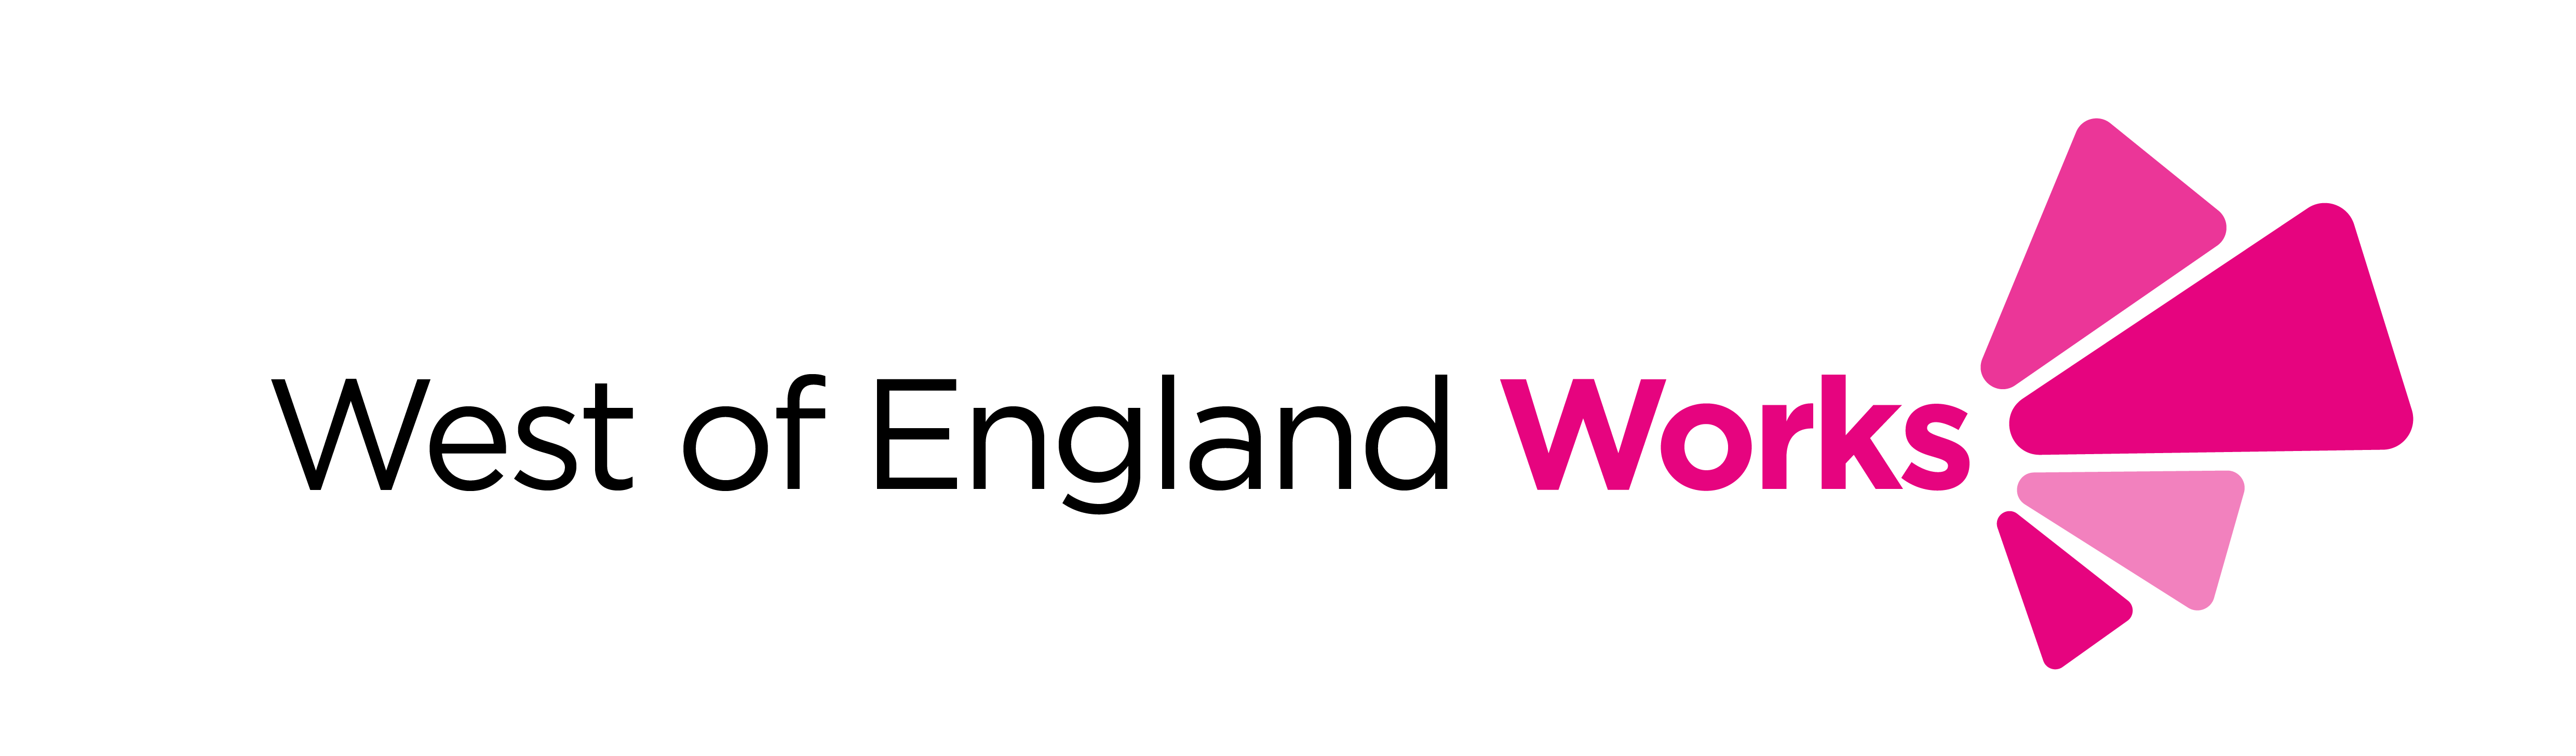 WestOfEnglandWorks logo 01